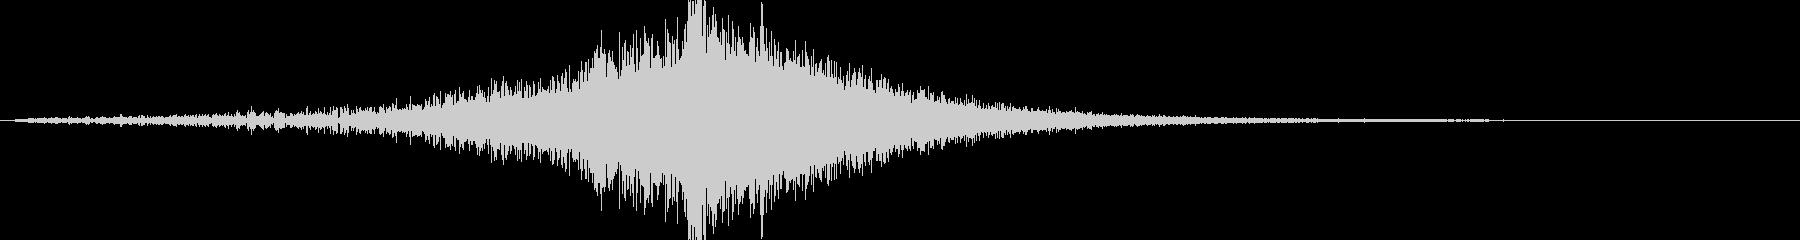 映画告知音151 ドーンの未再生の波形